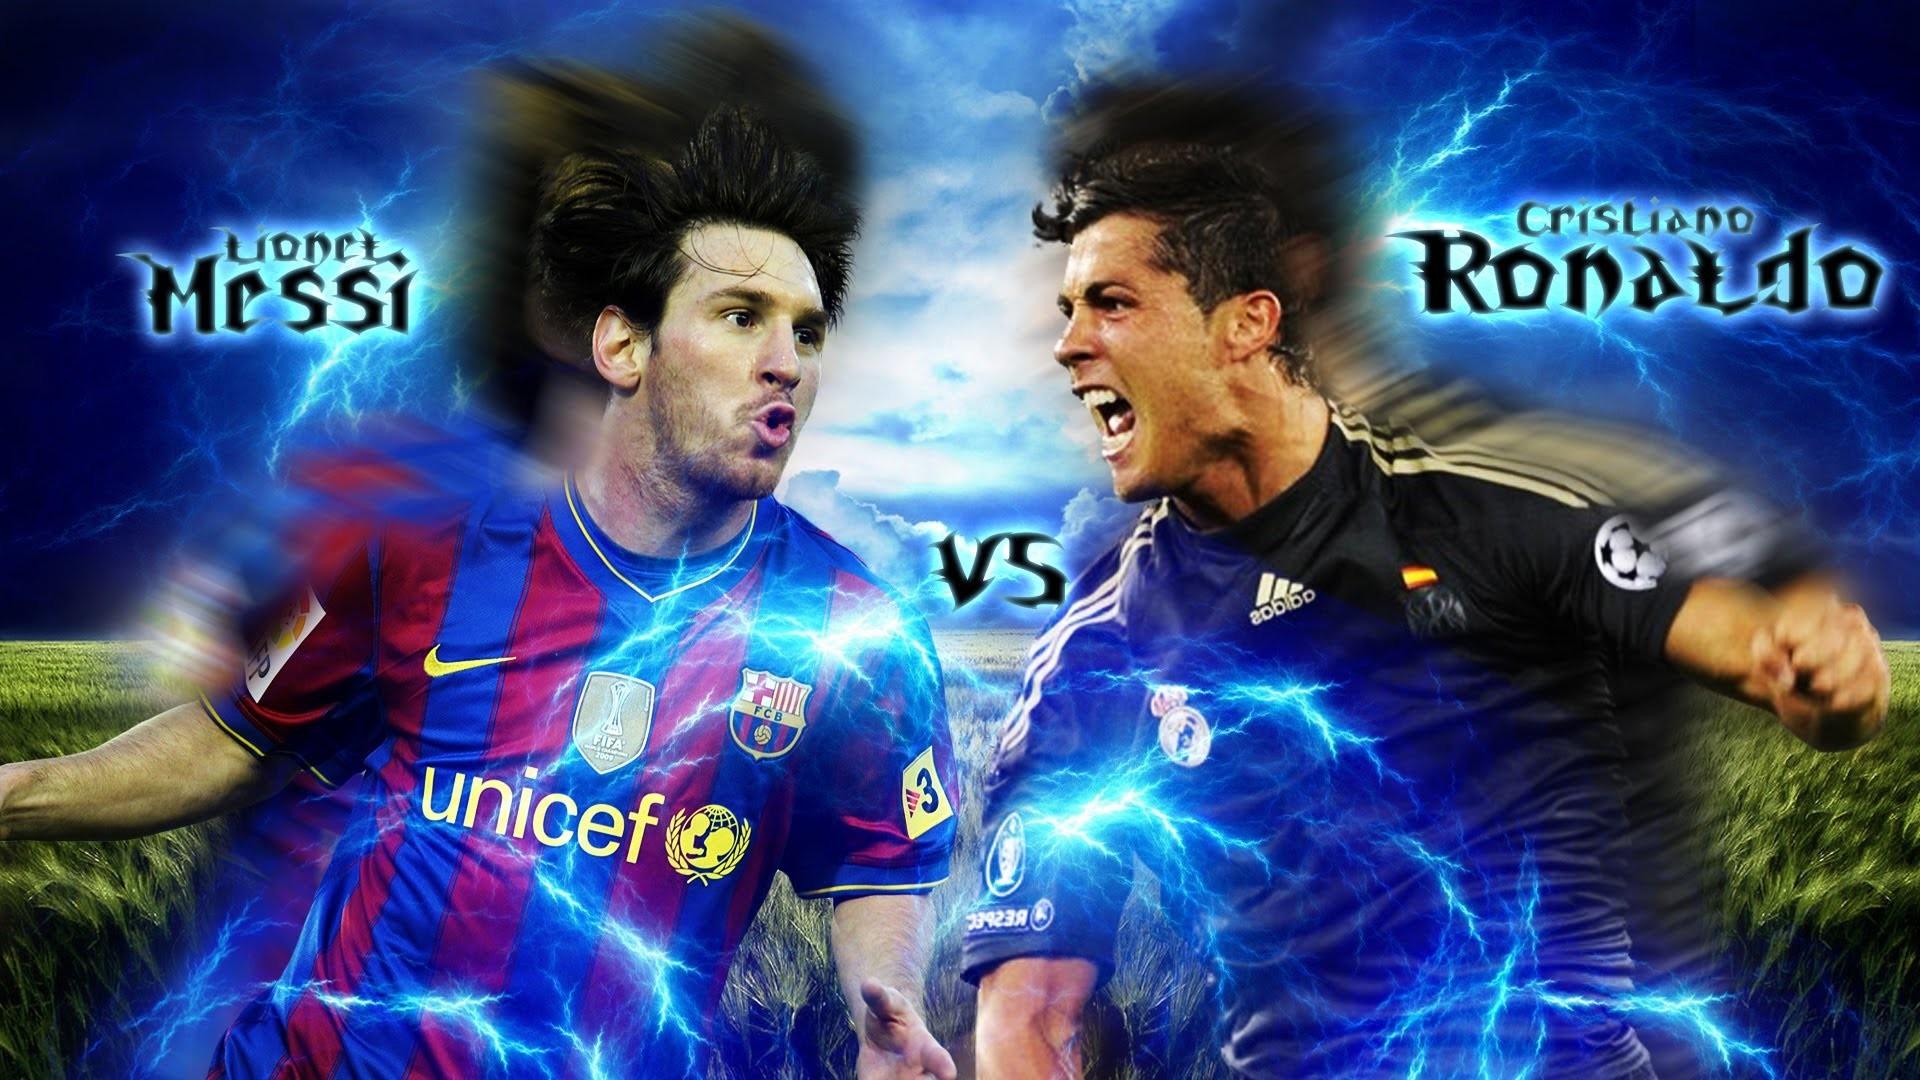 Điểm tin 17/4: Messi chÆ¡i sáng tạo hÆ¡n Ronaldo – Thể thao .